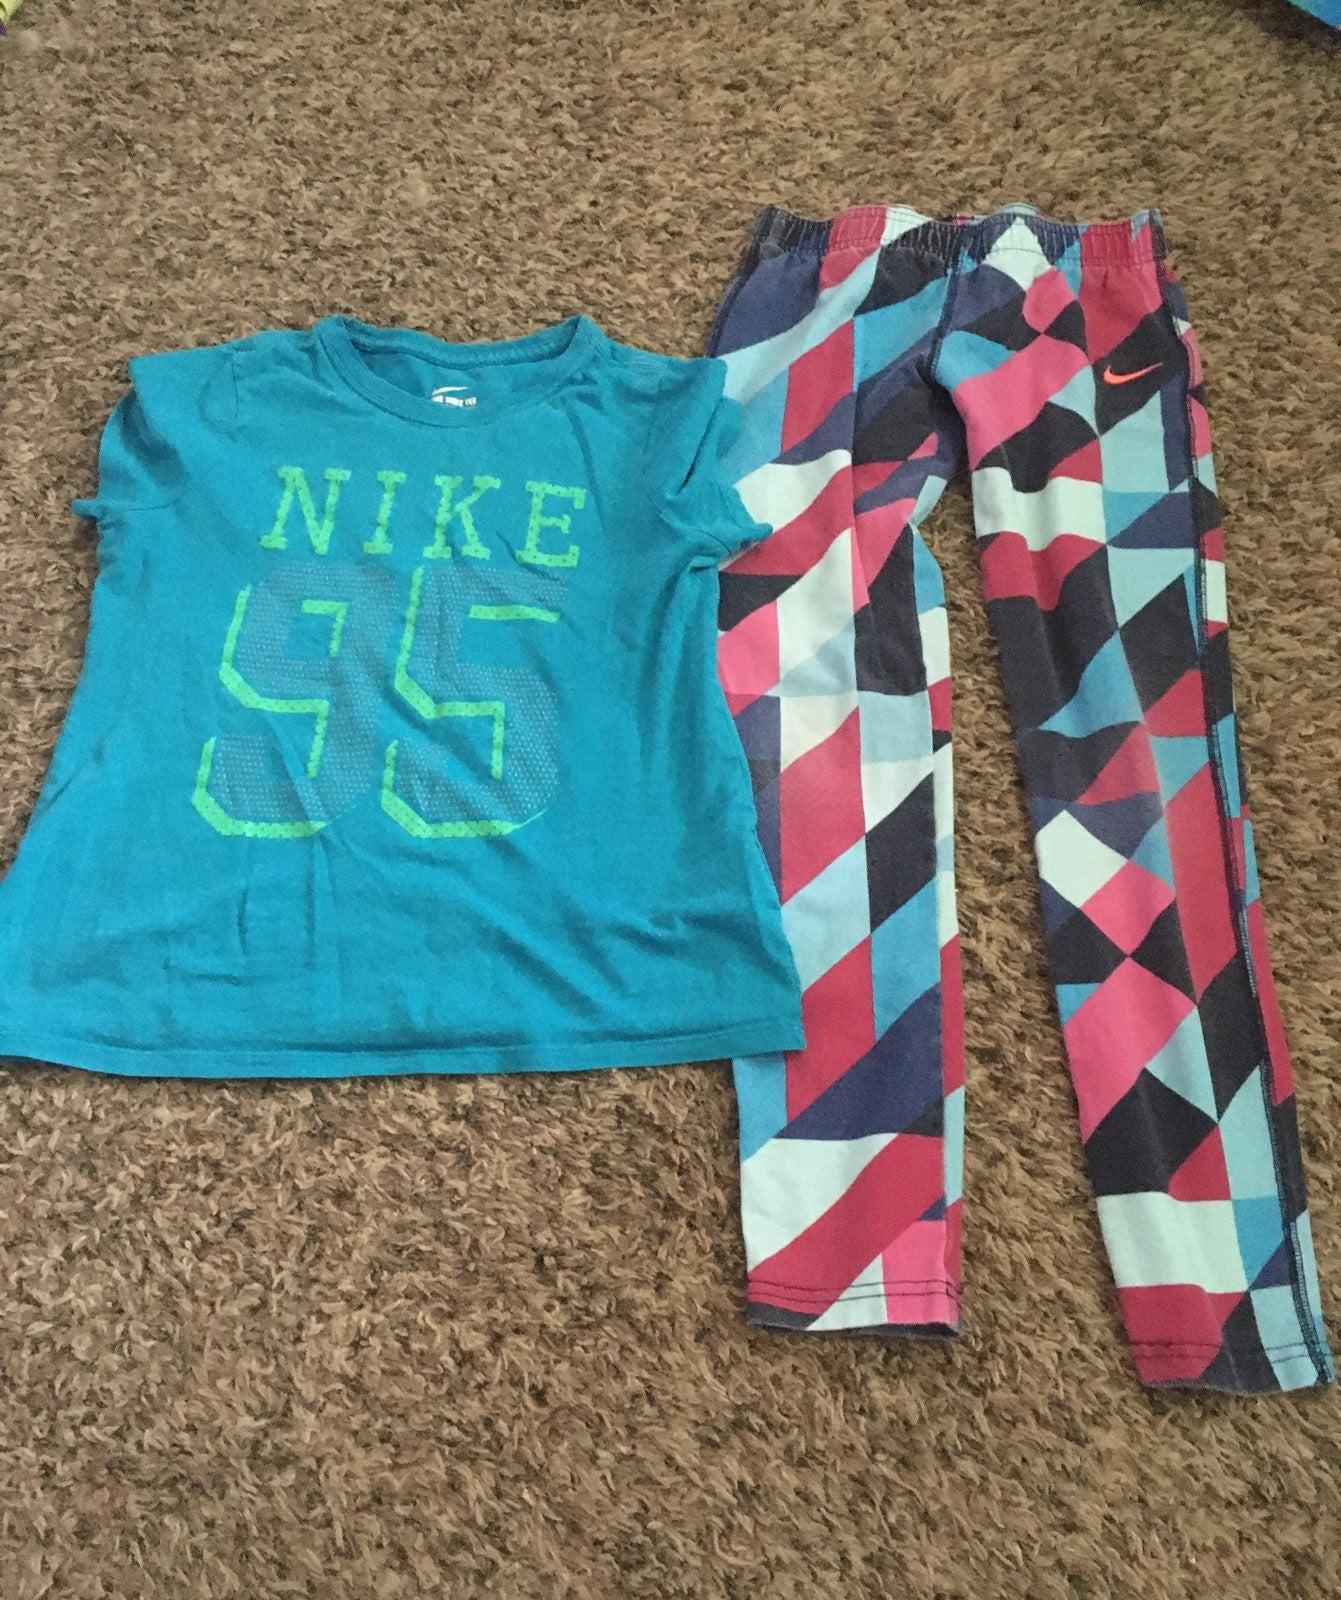 Girls Nike shirt and leggings.  Size Med